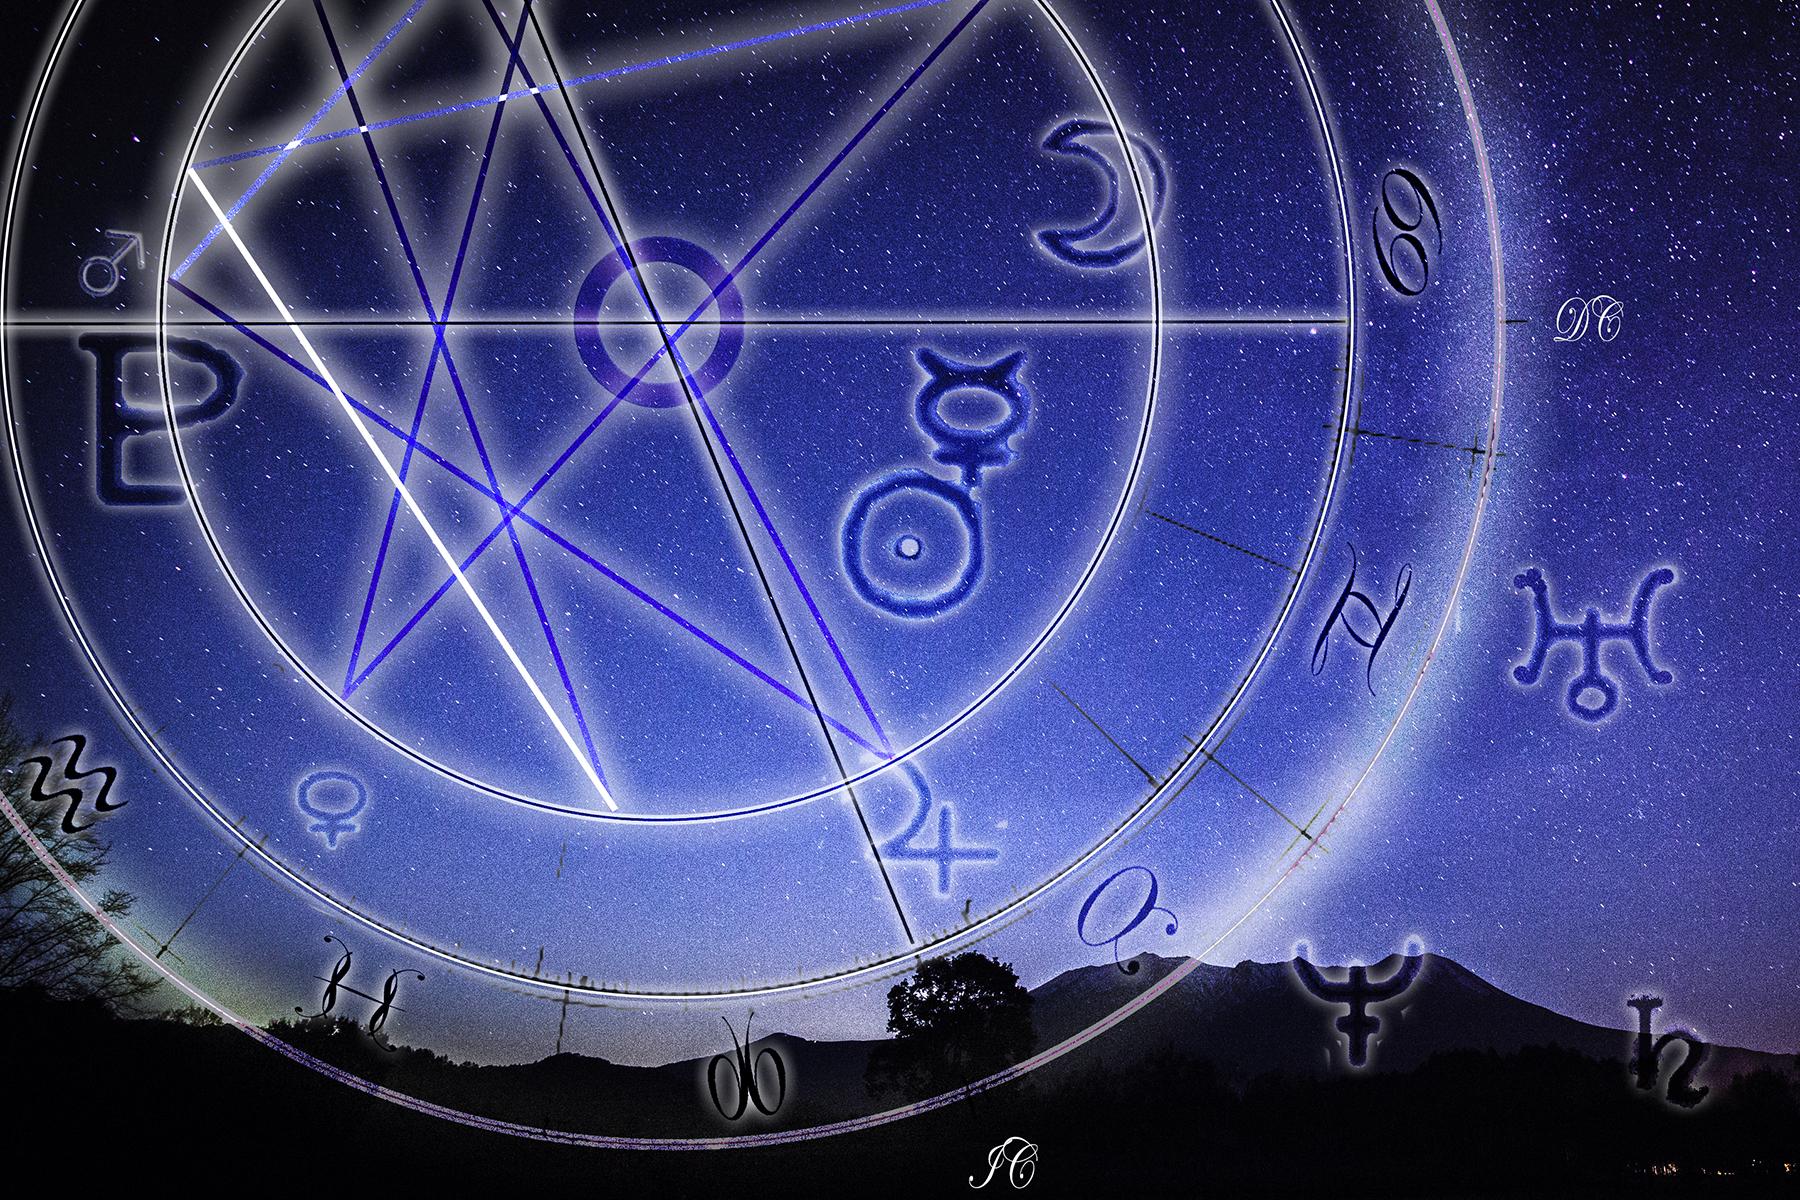 夜空に浮かぶ占星盤